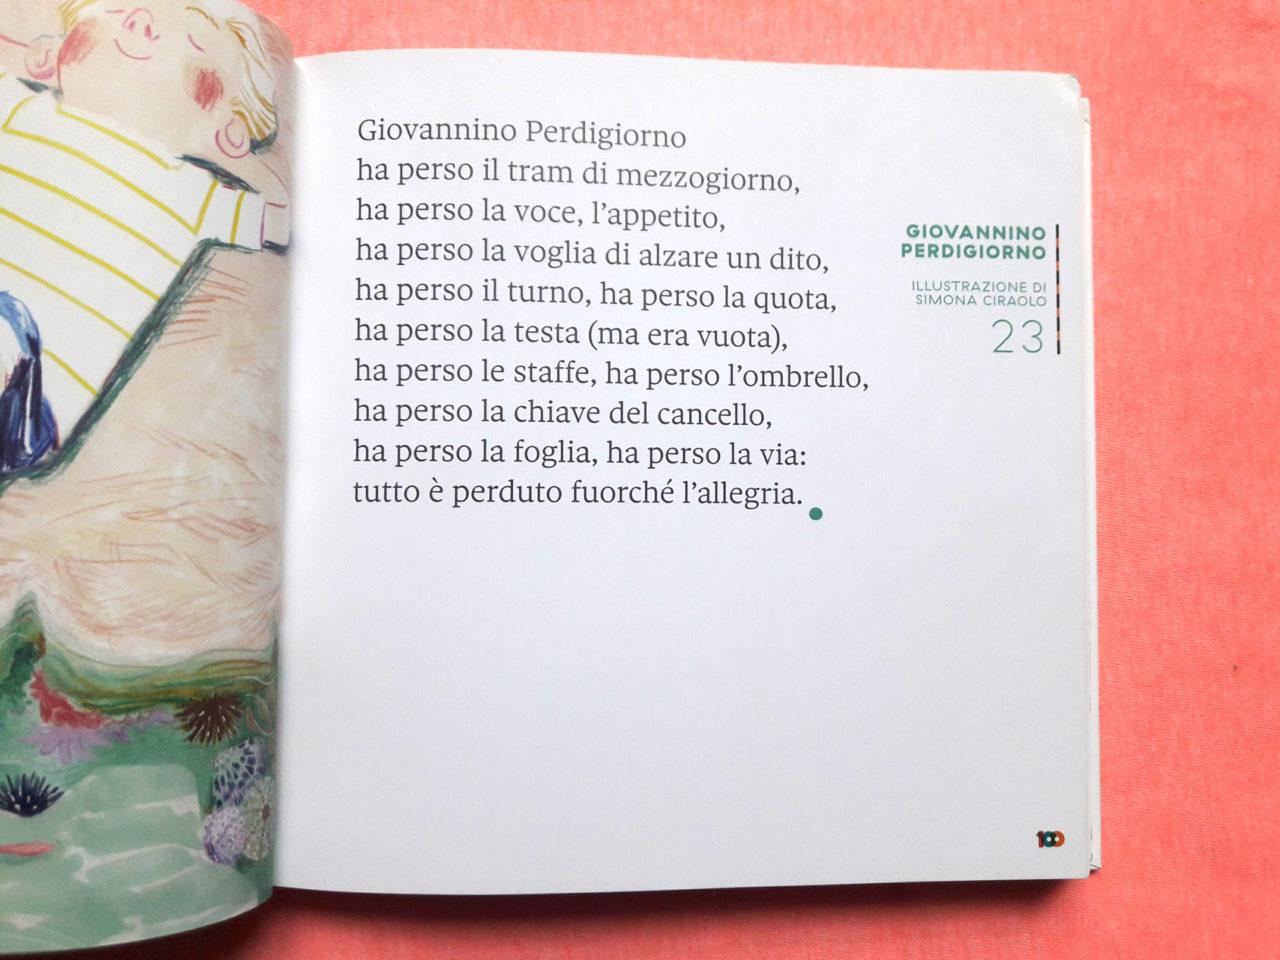 Simona-Ciraolo-GiovanninoPerdigiorno-02